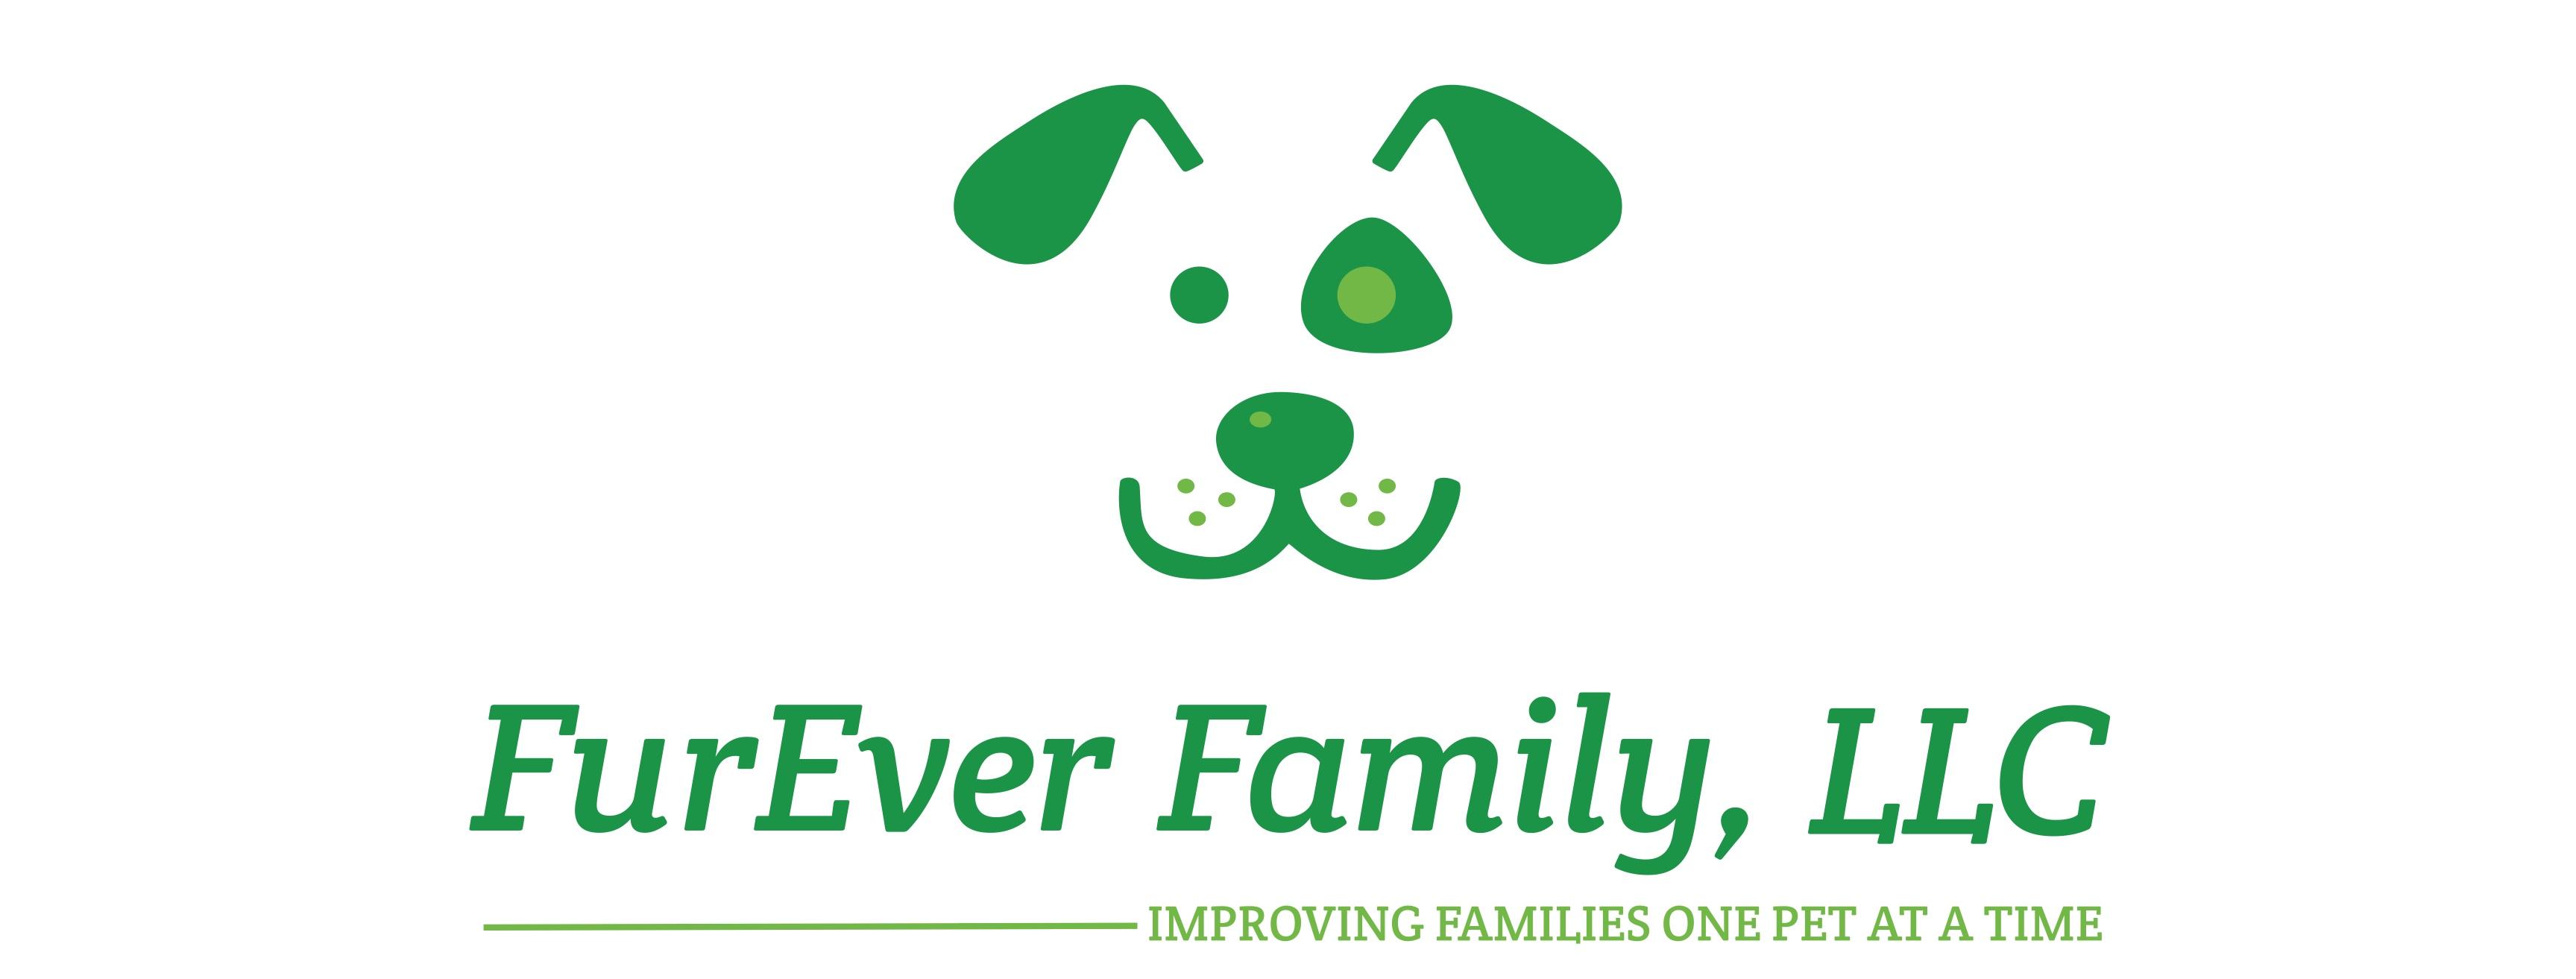 FurEver Family, LLC